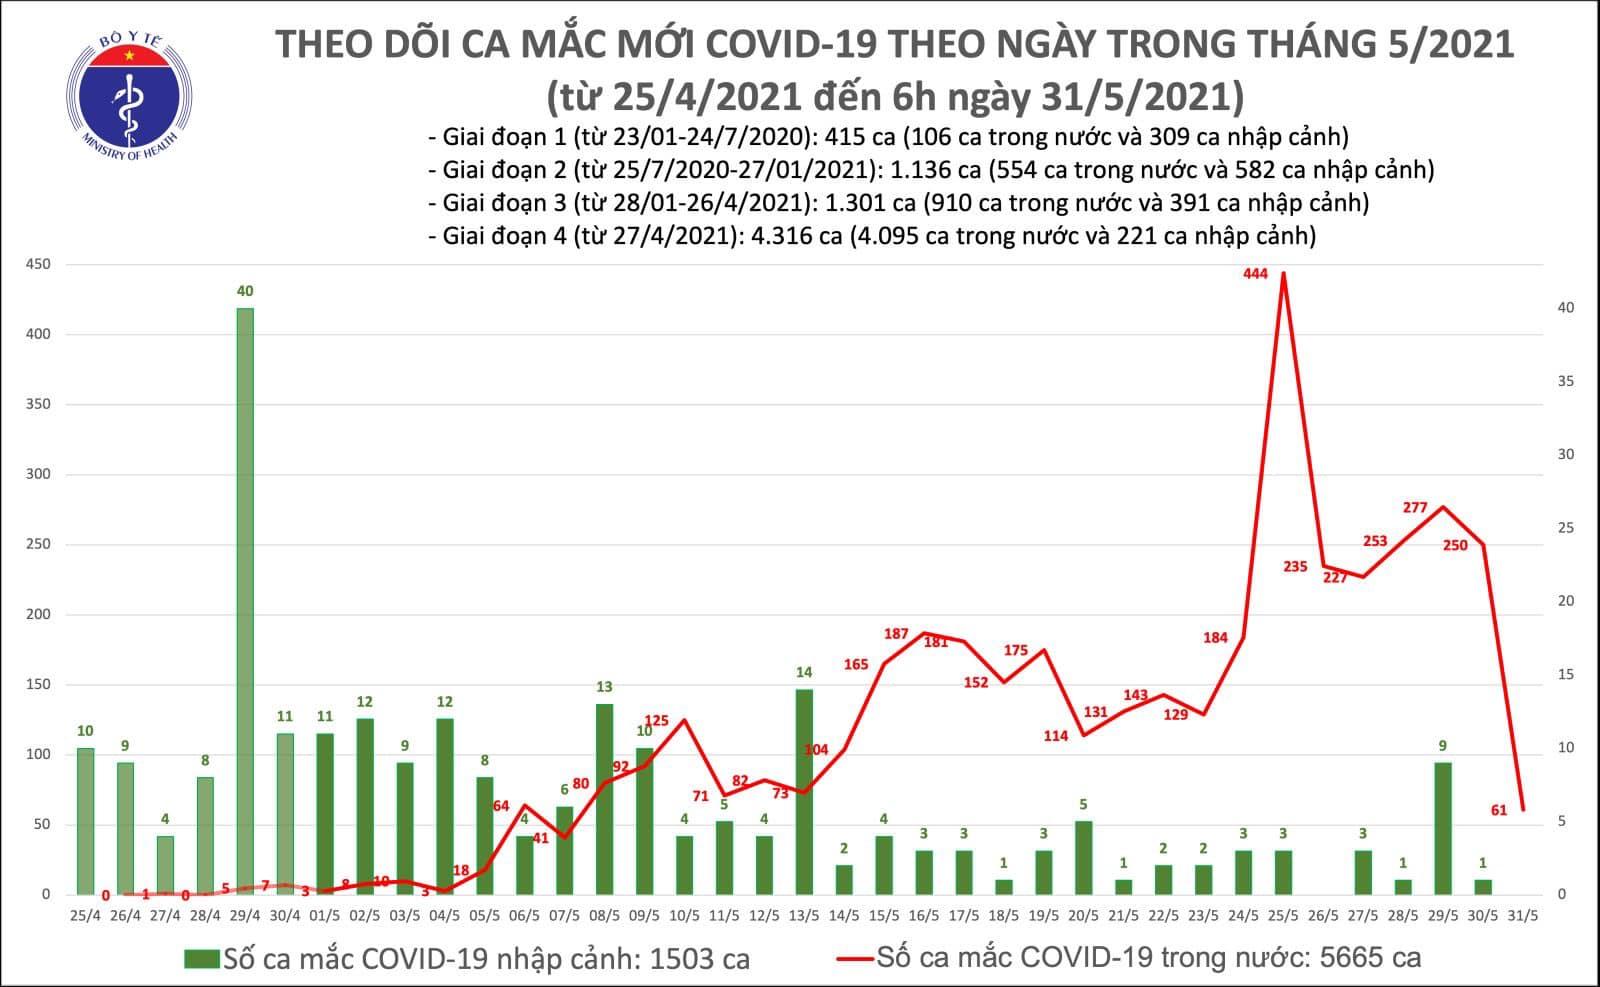 Tình hình dịch Covid-19 sáng 31/5: Thêm 61 ca tại Bắc Giang, Hà Nội, Lạng Sơn - Ảnh 1.